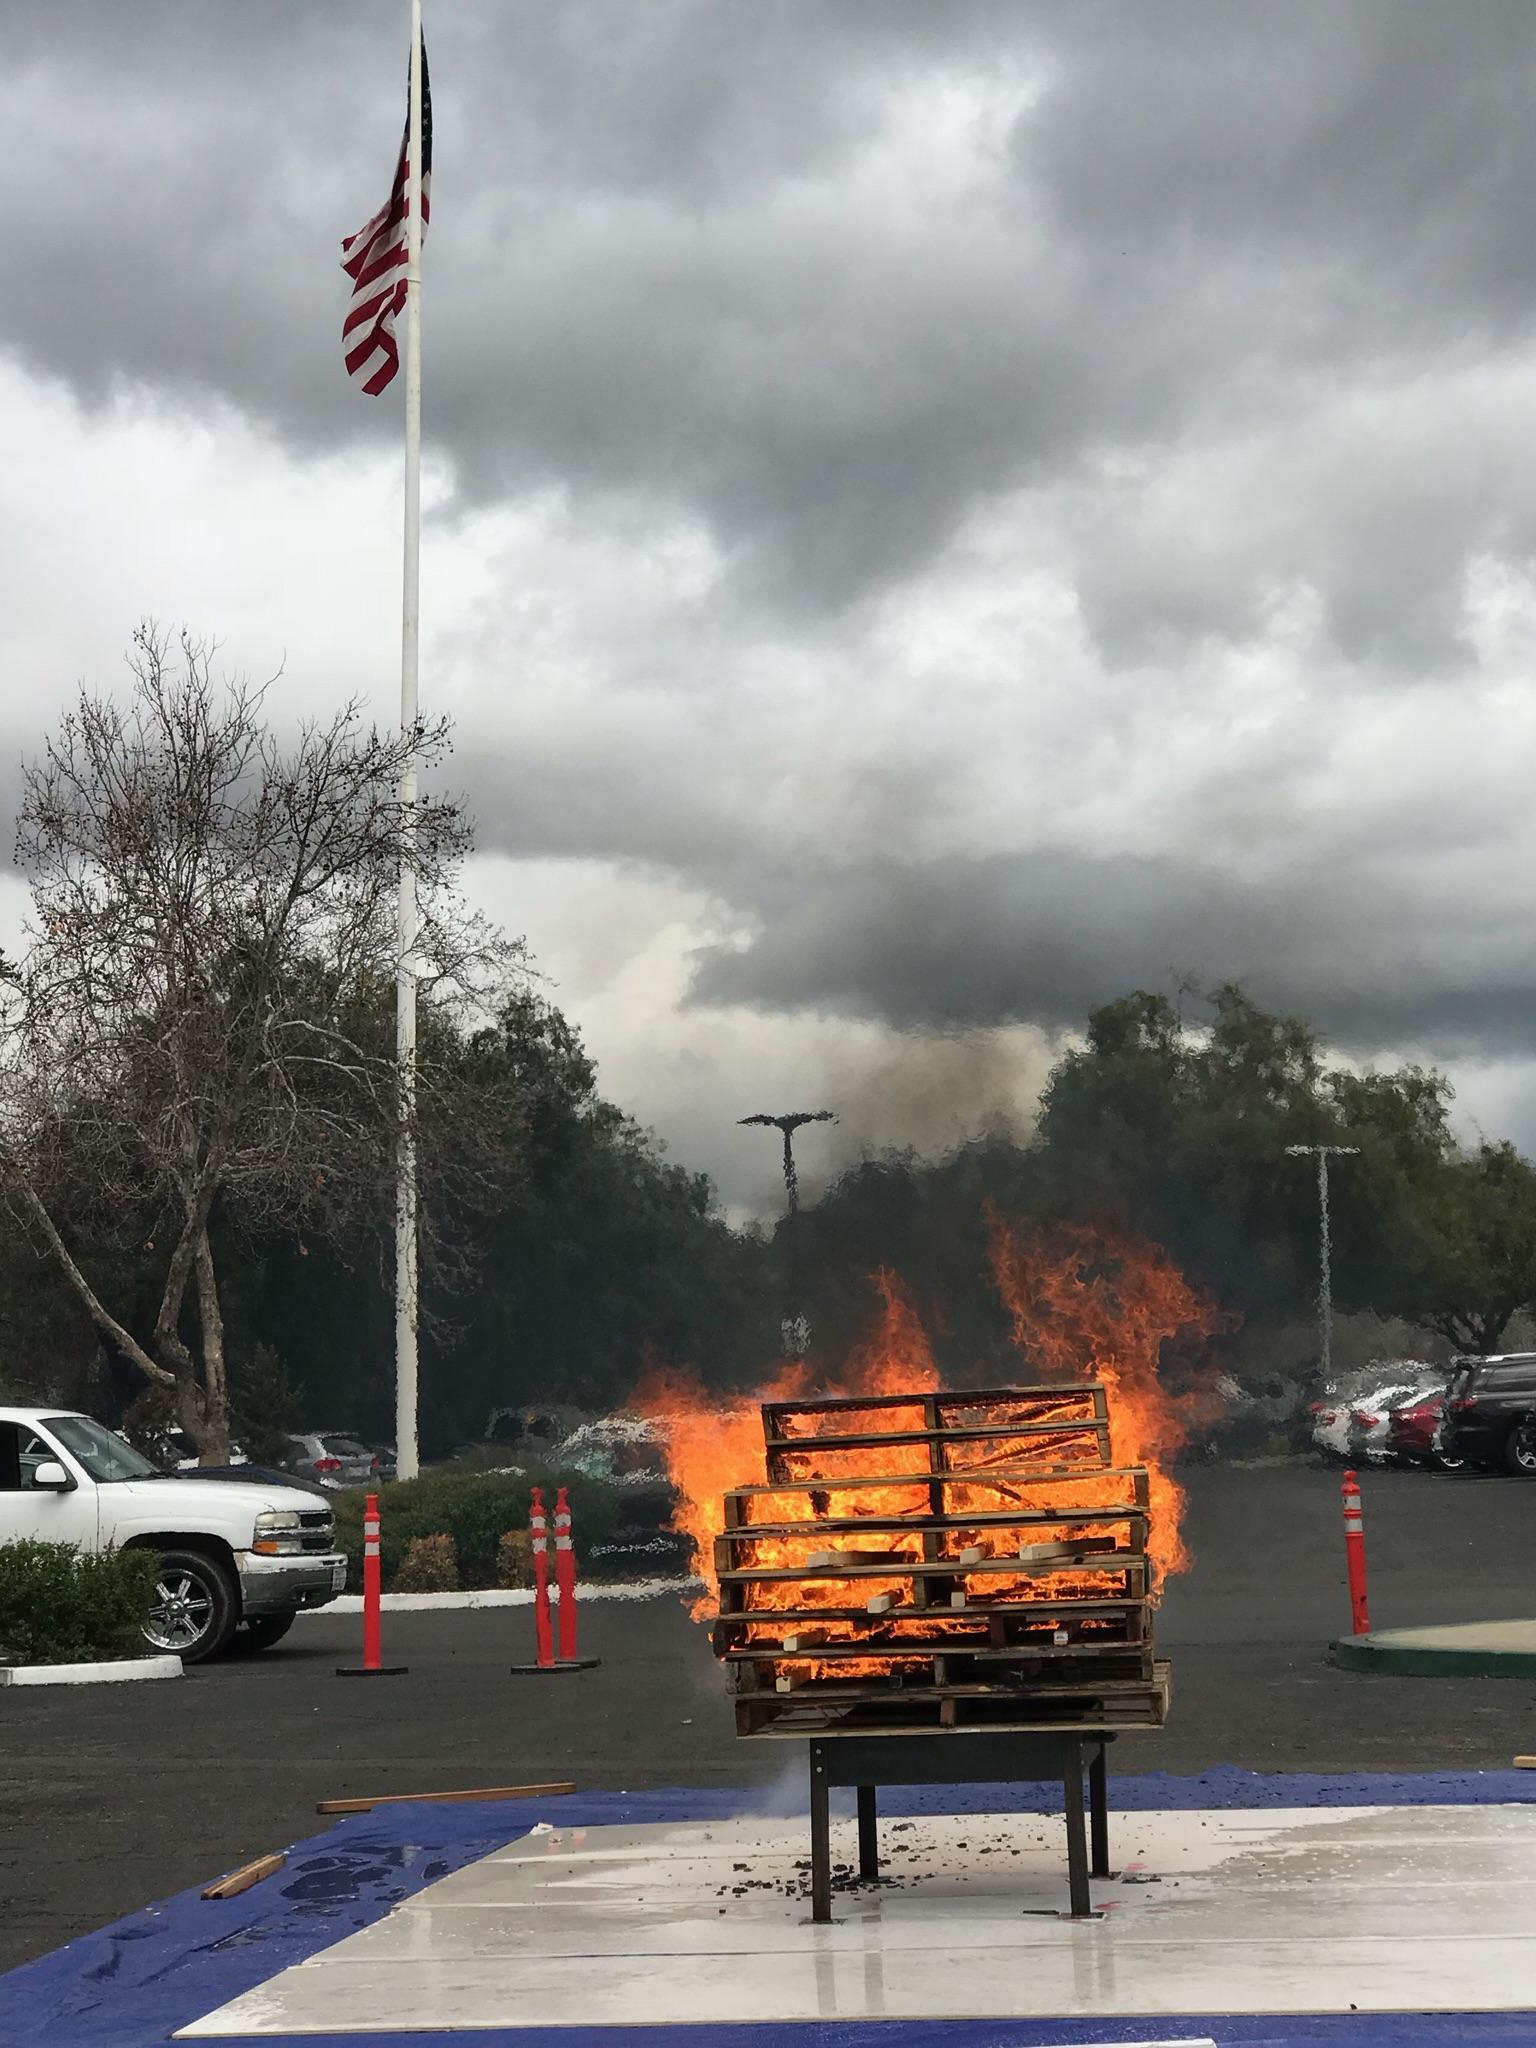 Pallet burning for training